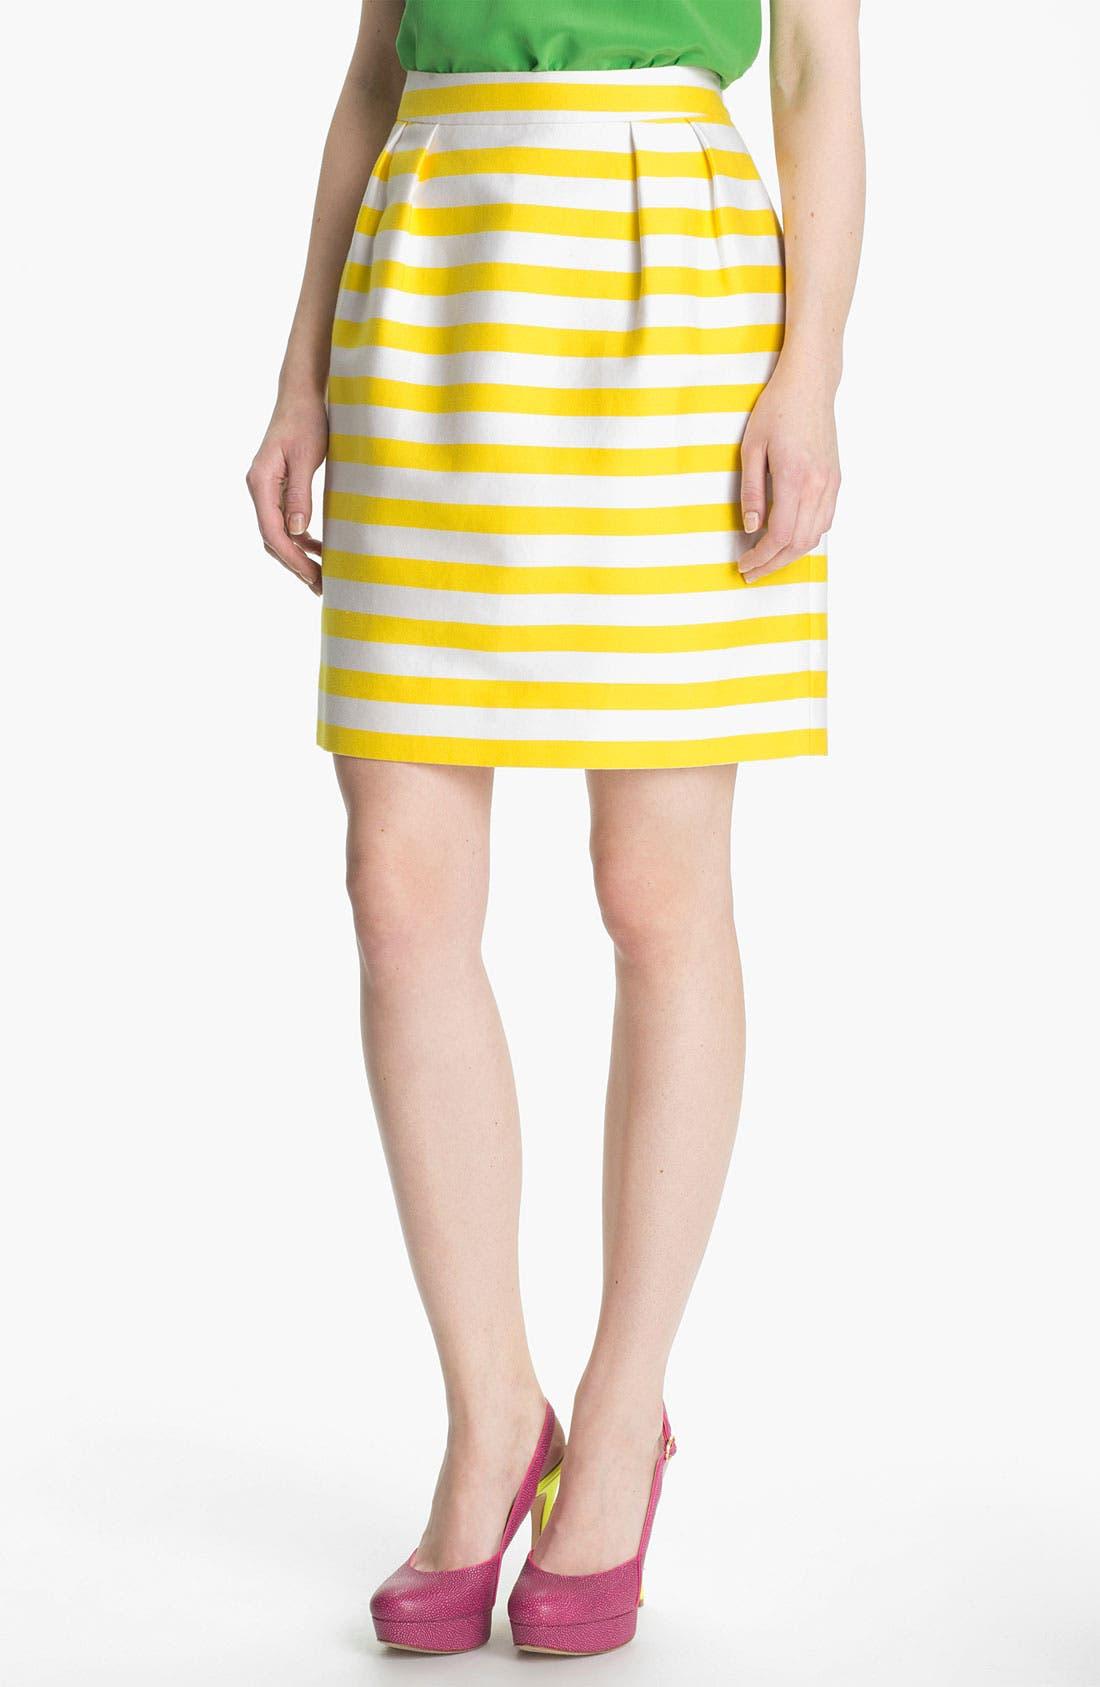 Alternate Image 1 Selected - kate spade new york 'barry' silk blend skirt